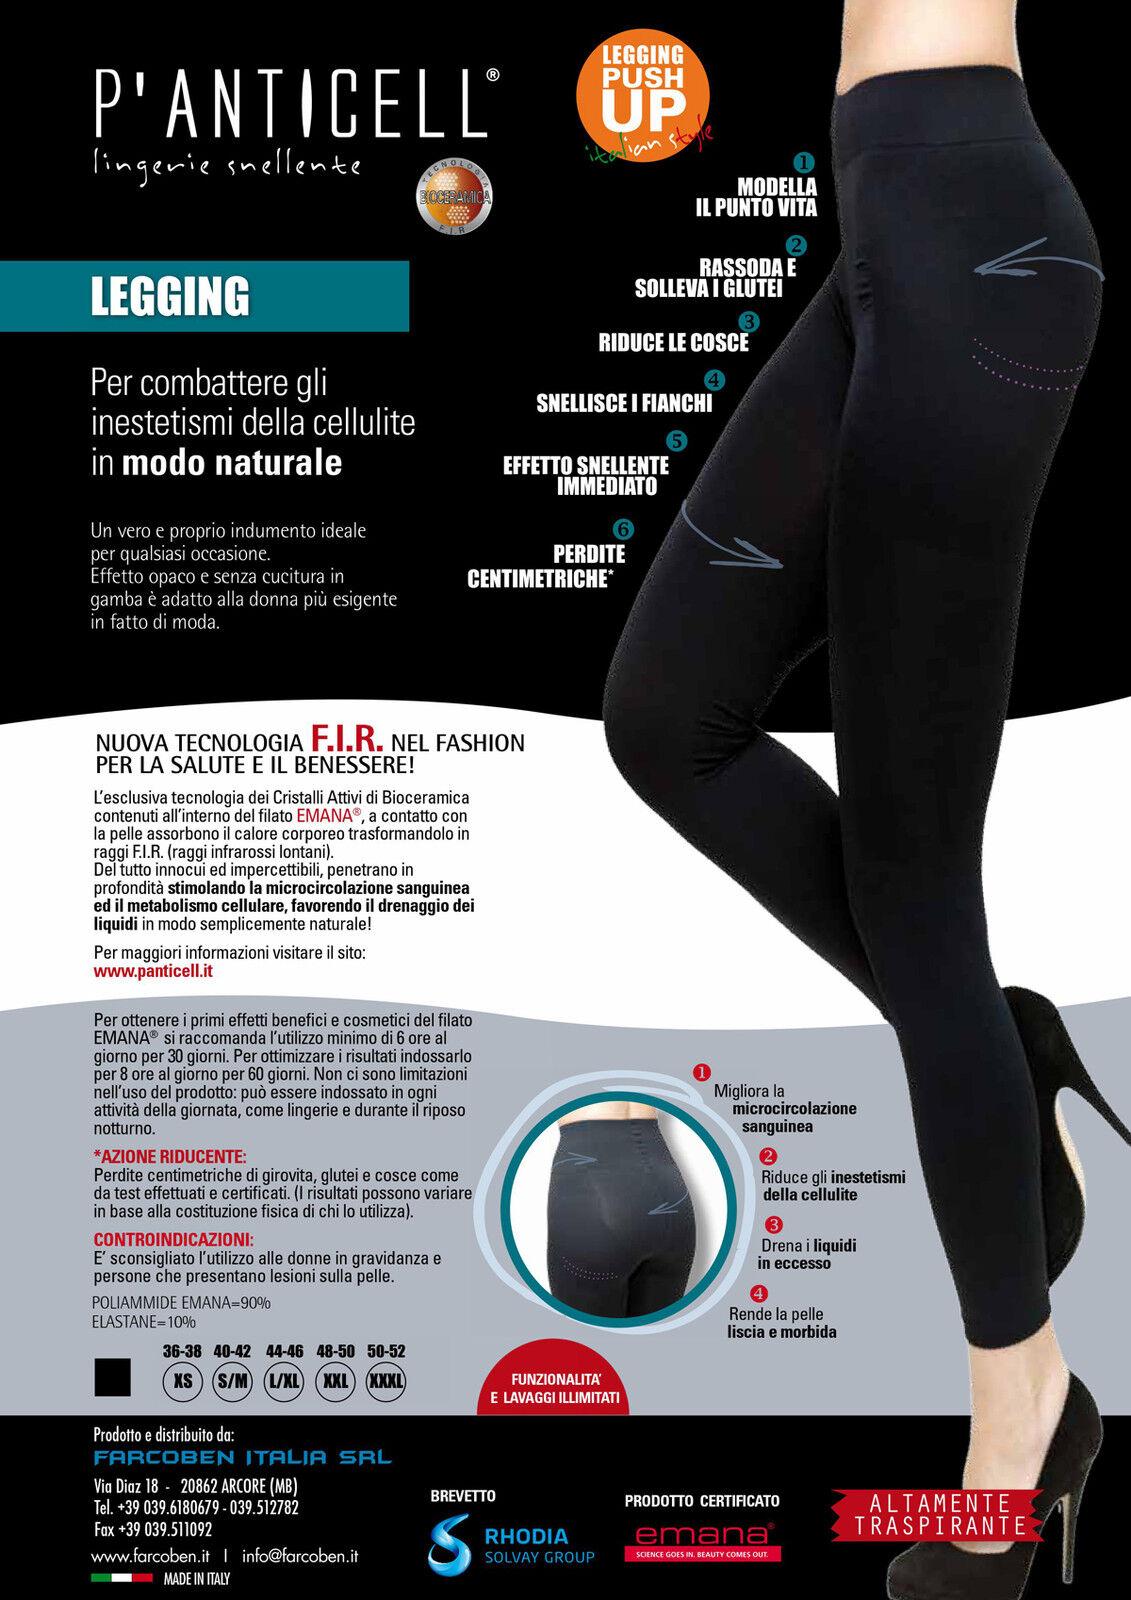 P'anticell leggings 100d push up a tessuto Emana fibra bioceramica anticellulite